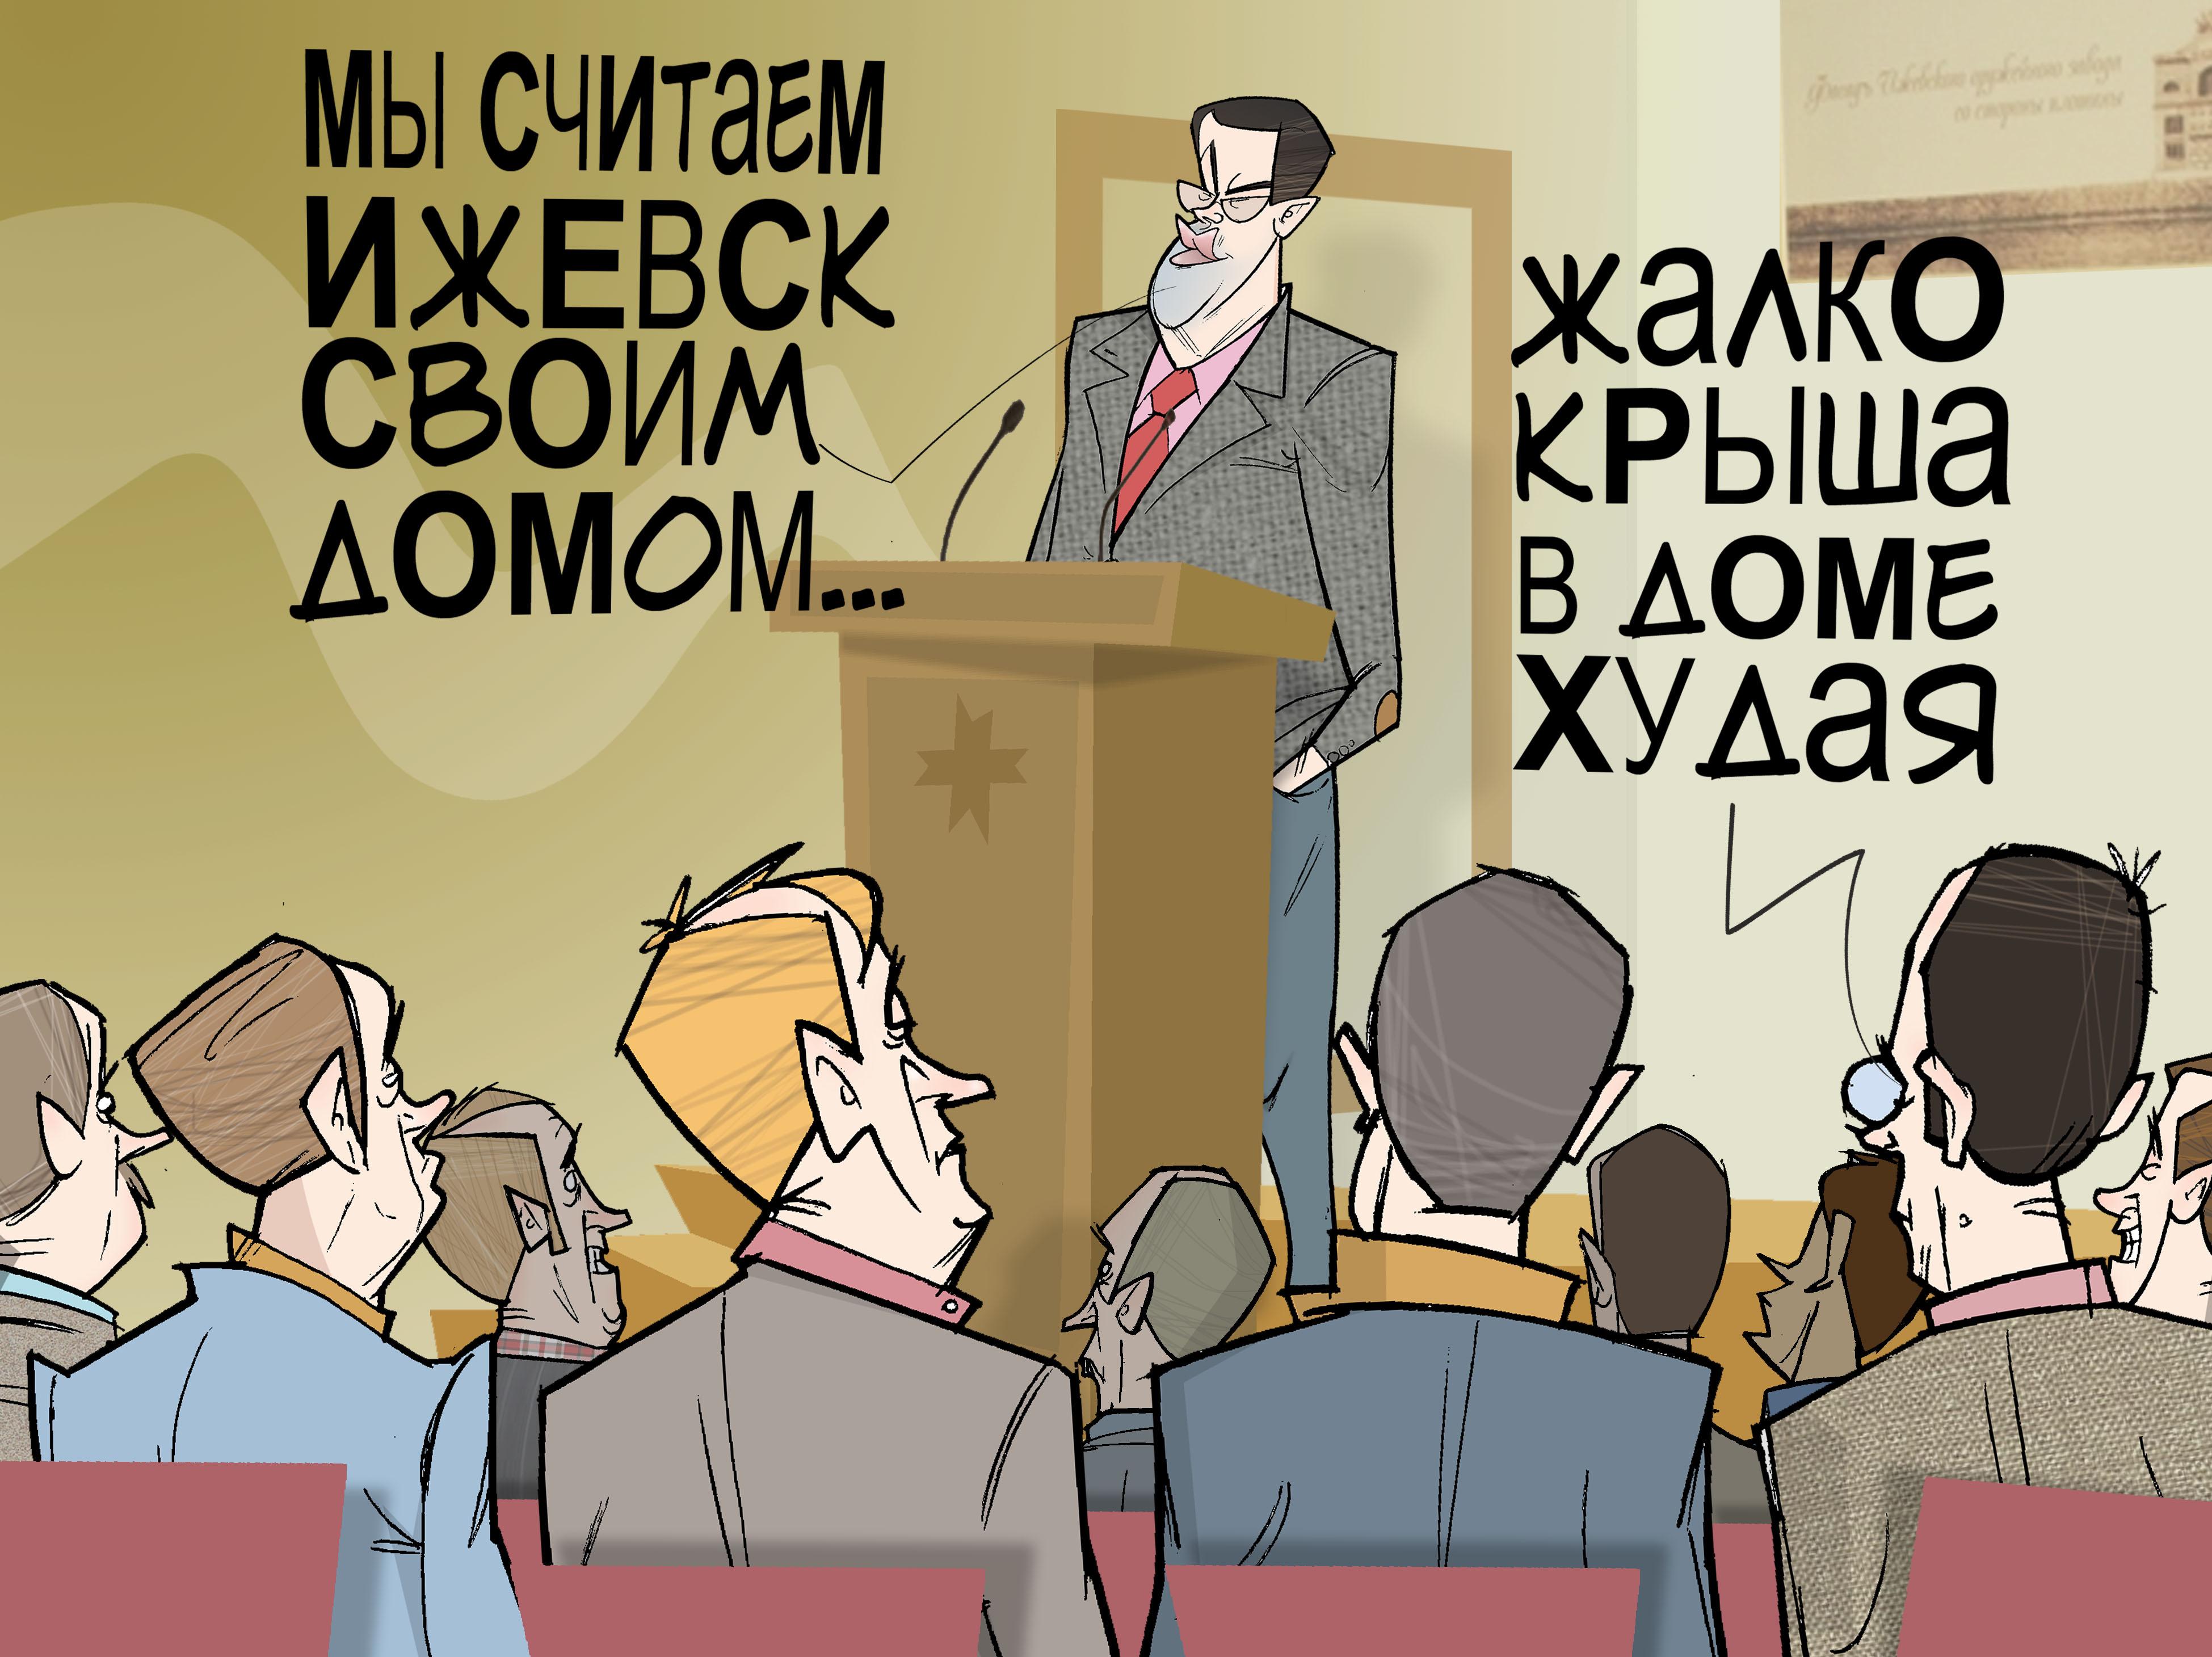 """Крыша худая. #СитиМенеджер #Ижевск #Агашин © Газета """"День"""" 2014"""